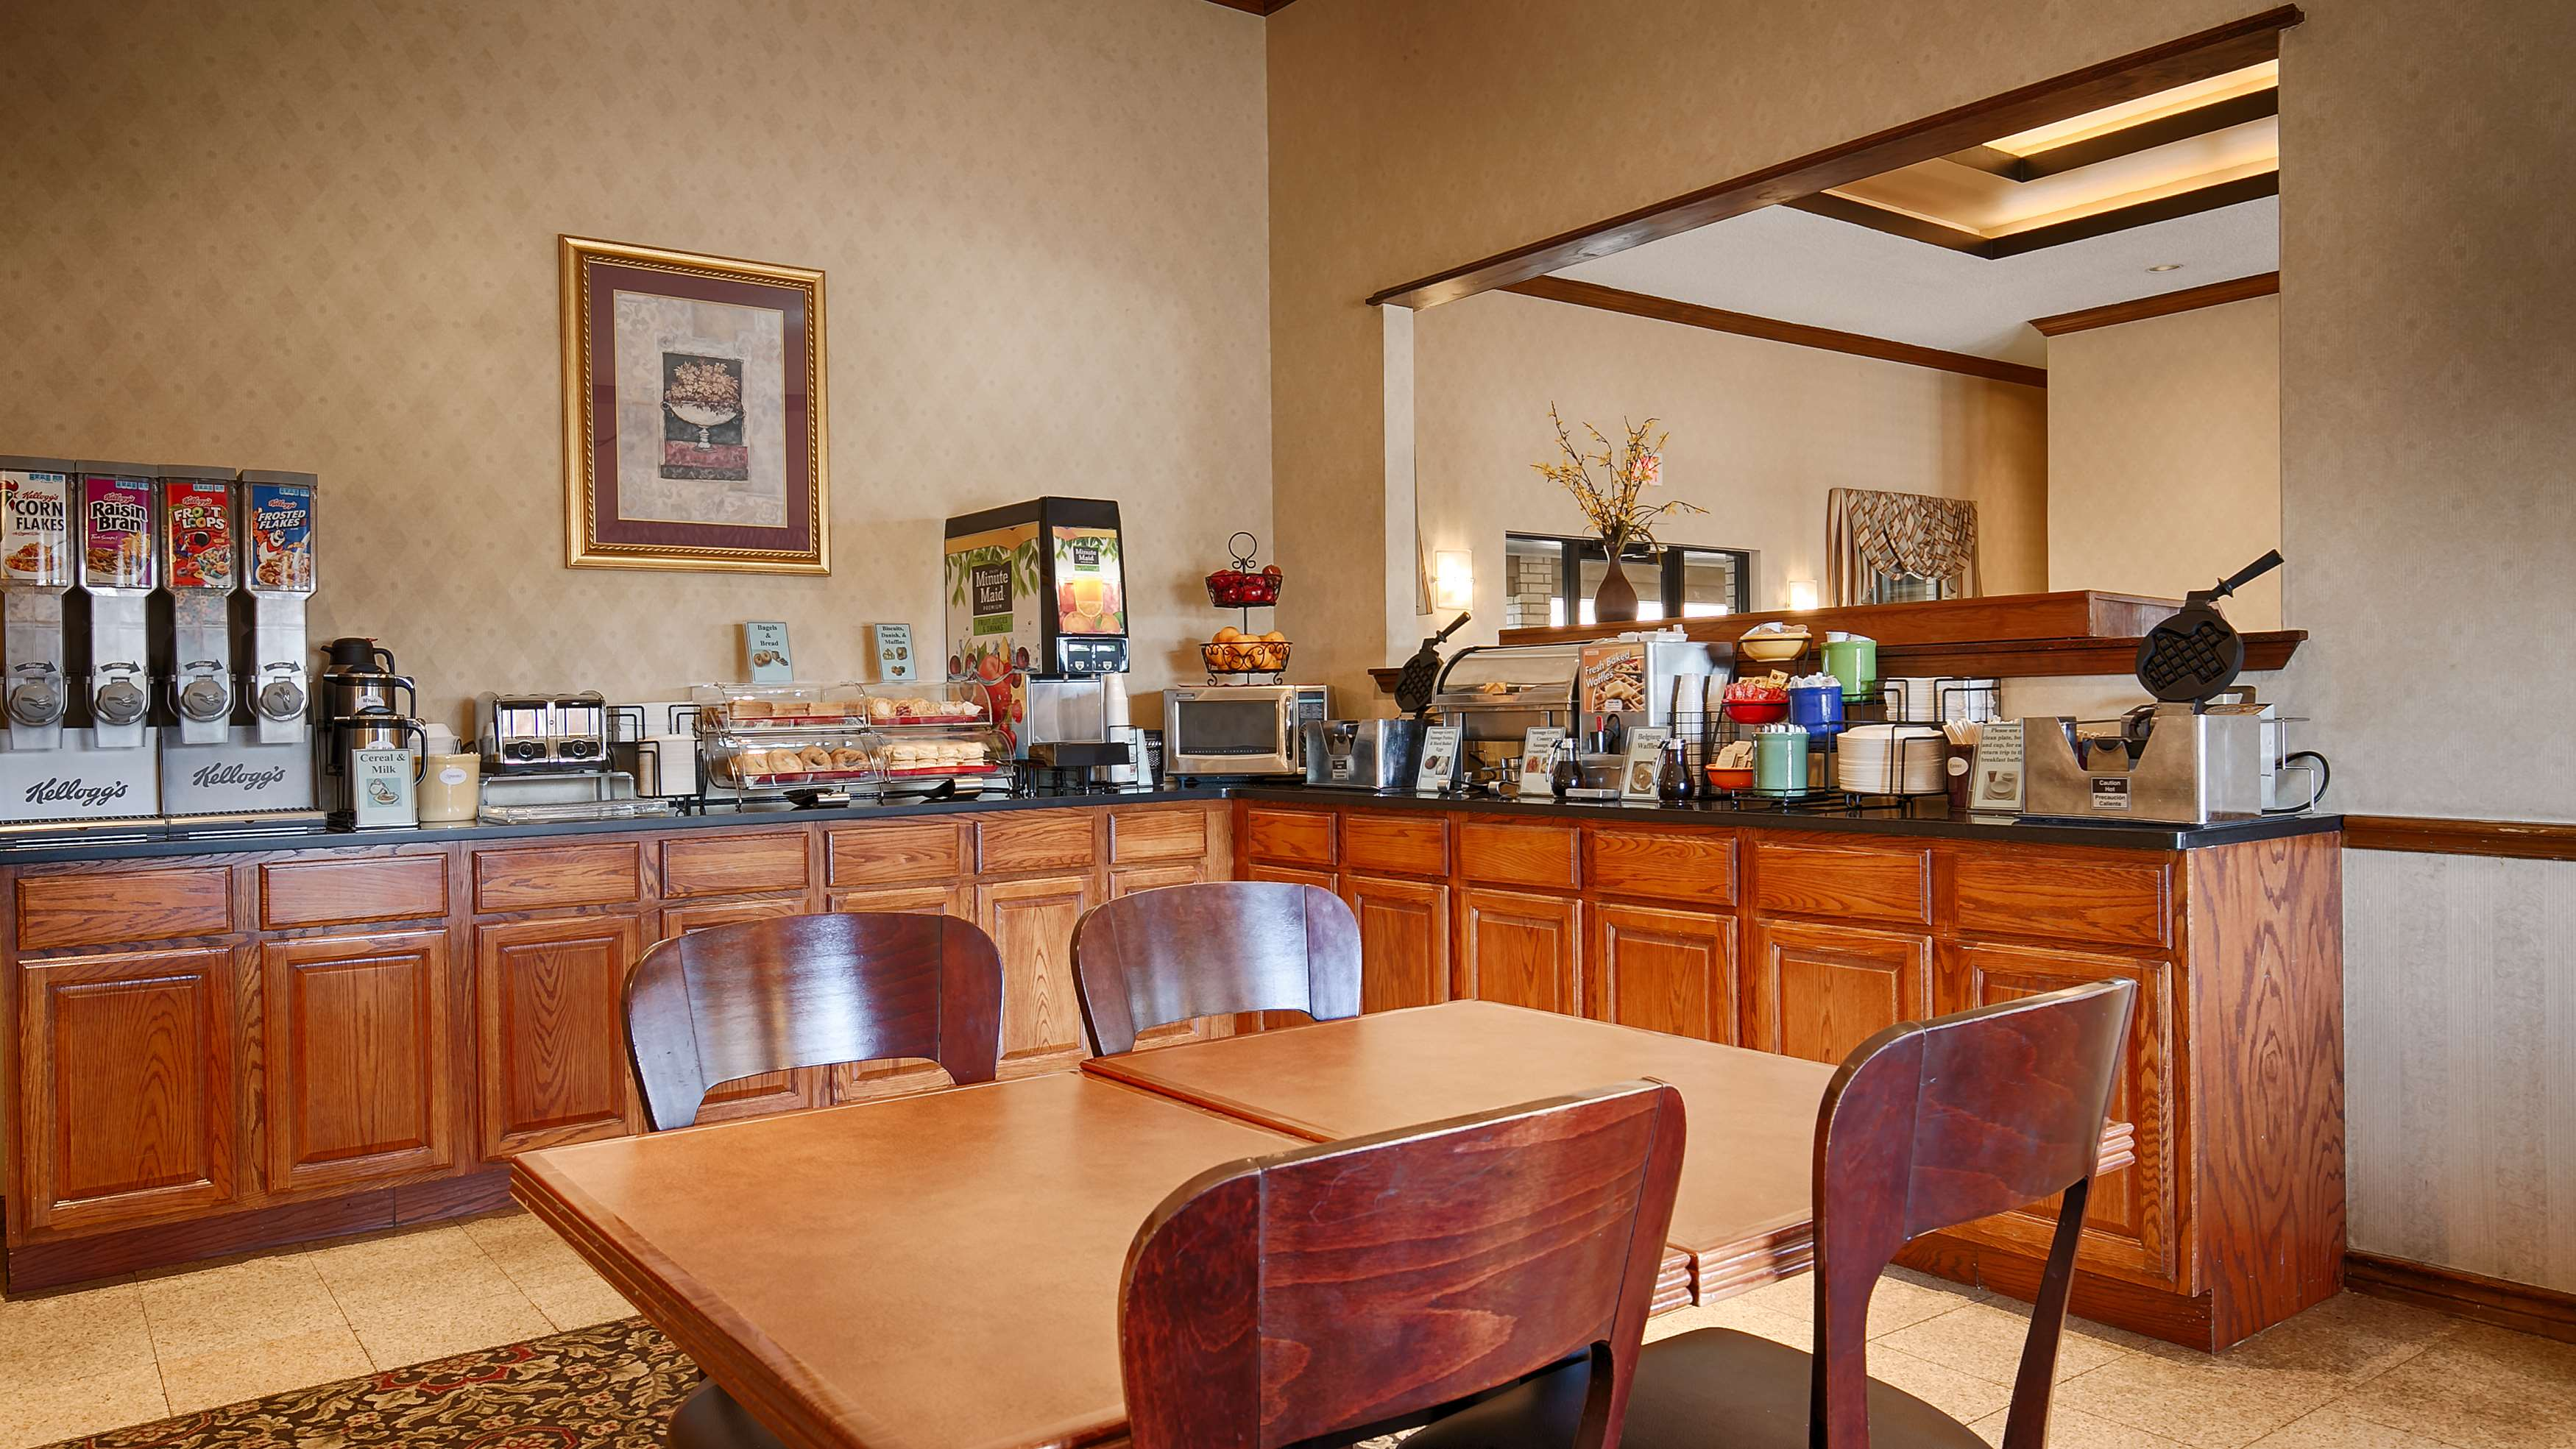 Best Western Ingram Park Inn image 13